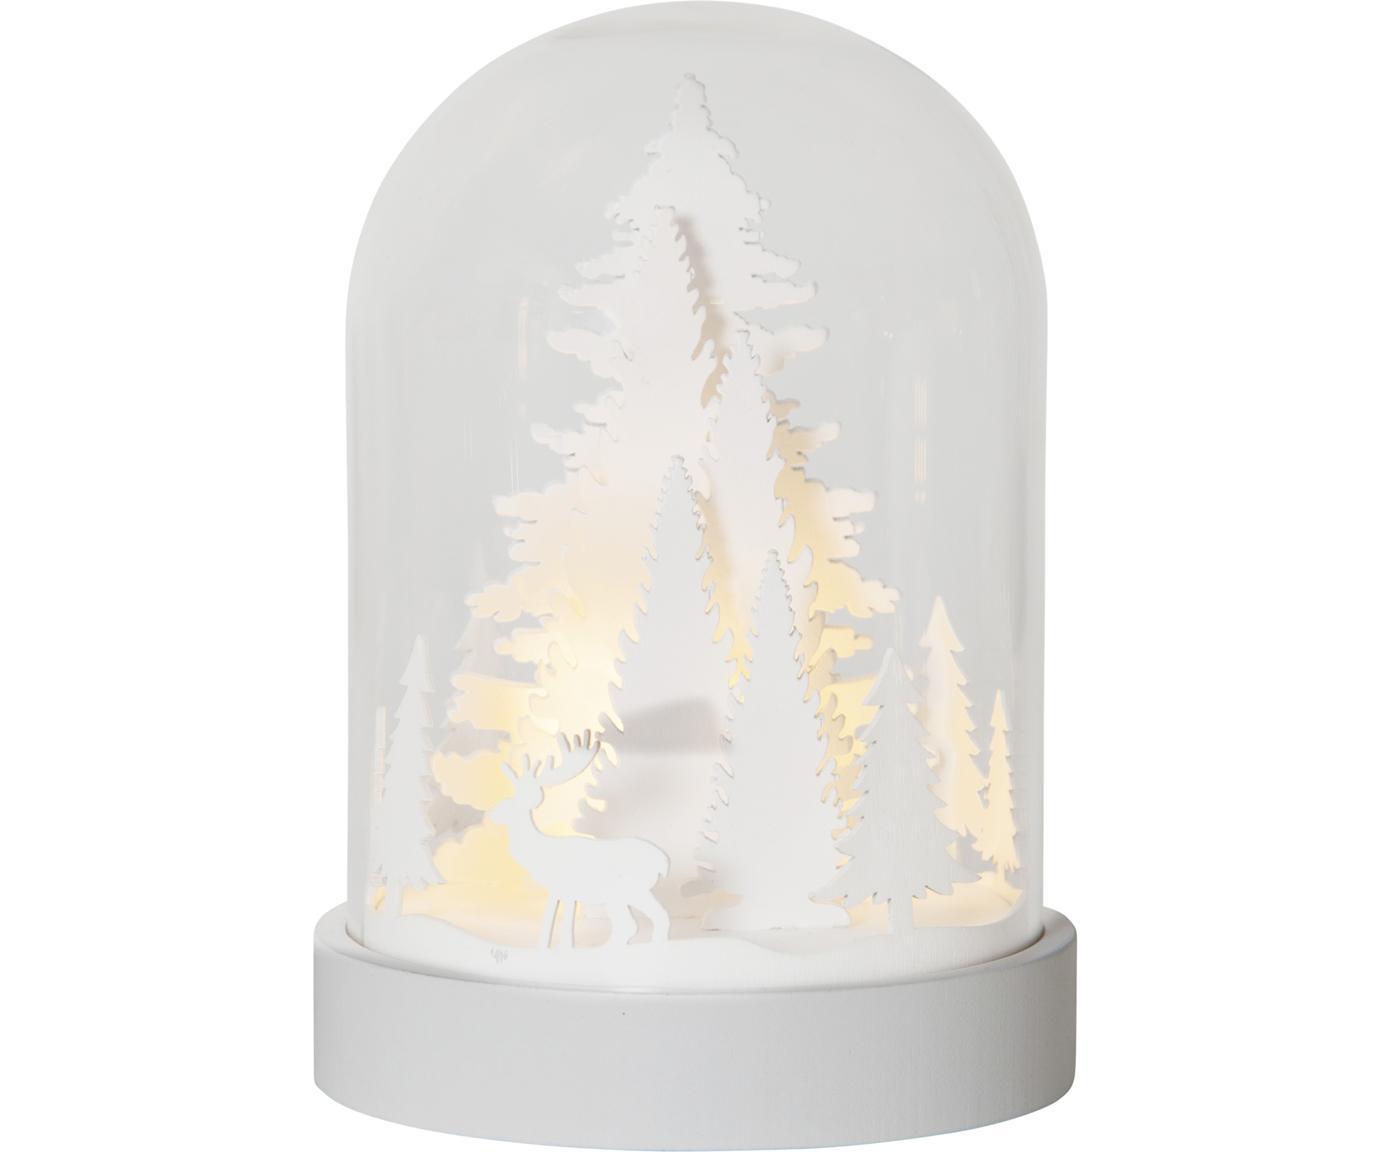 LED Leuchtobjekt Reindeer, batteriebetrieben, Mitteldichte Holzfaserplatte (MDF), Kunststoff, Glas, Weiß, Transparent, Ø 13 x H 18 cm